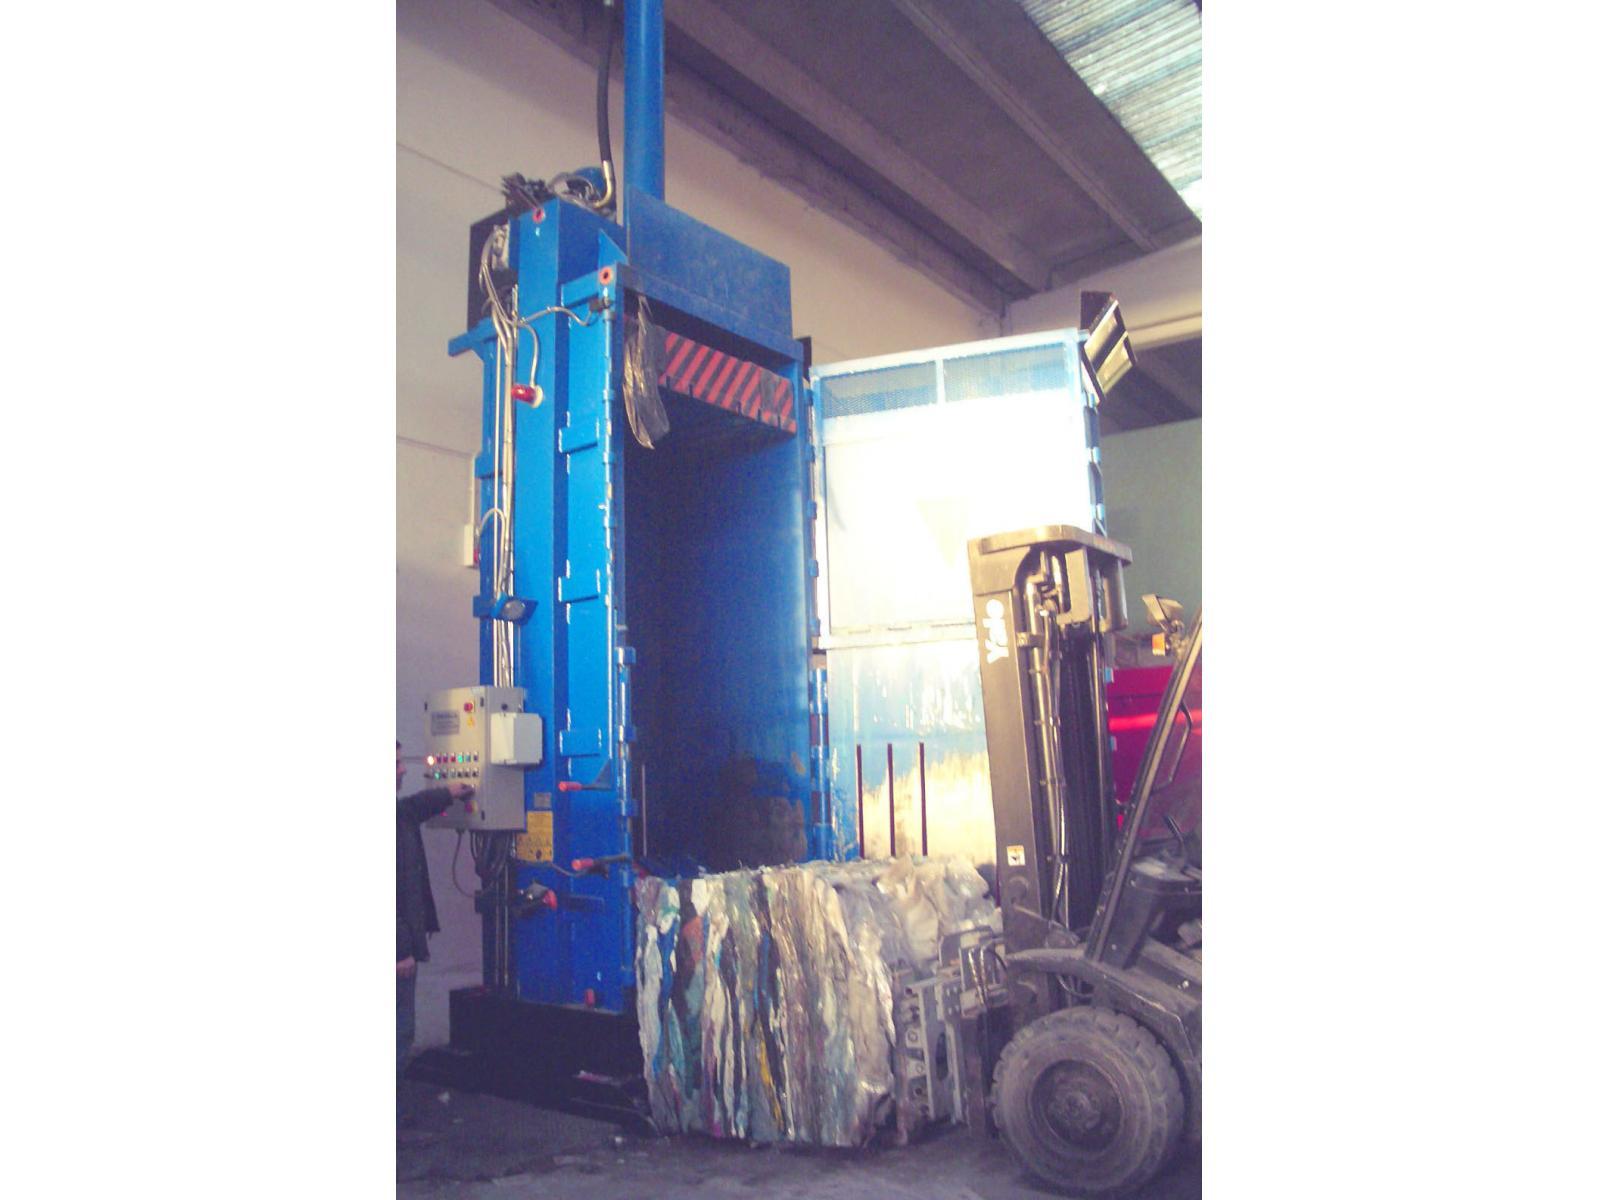 Pressa per imballaggio 80 ton rino tullis srl tr 80 1p a for Pressa per tubi idraulici usata